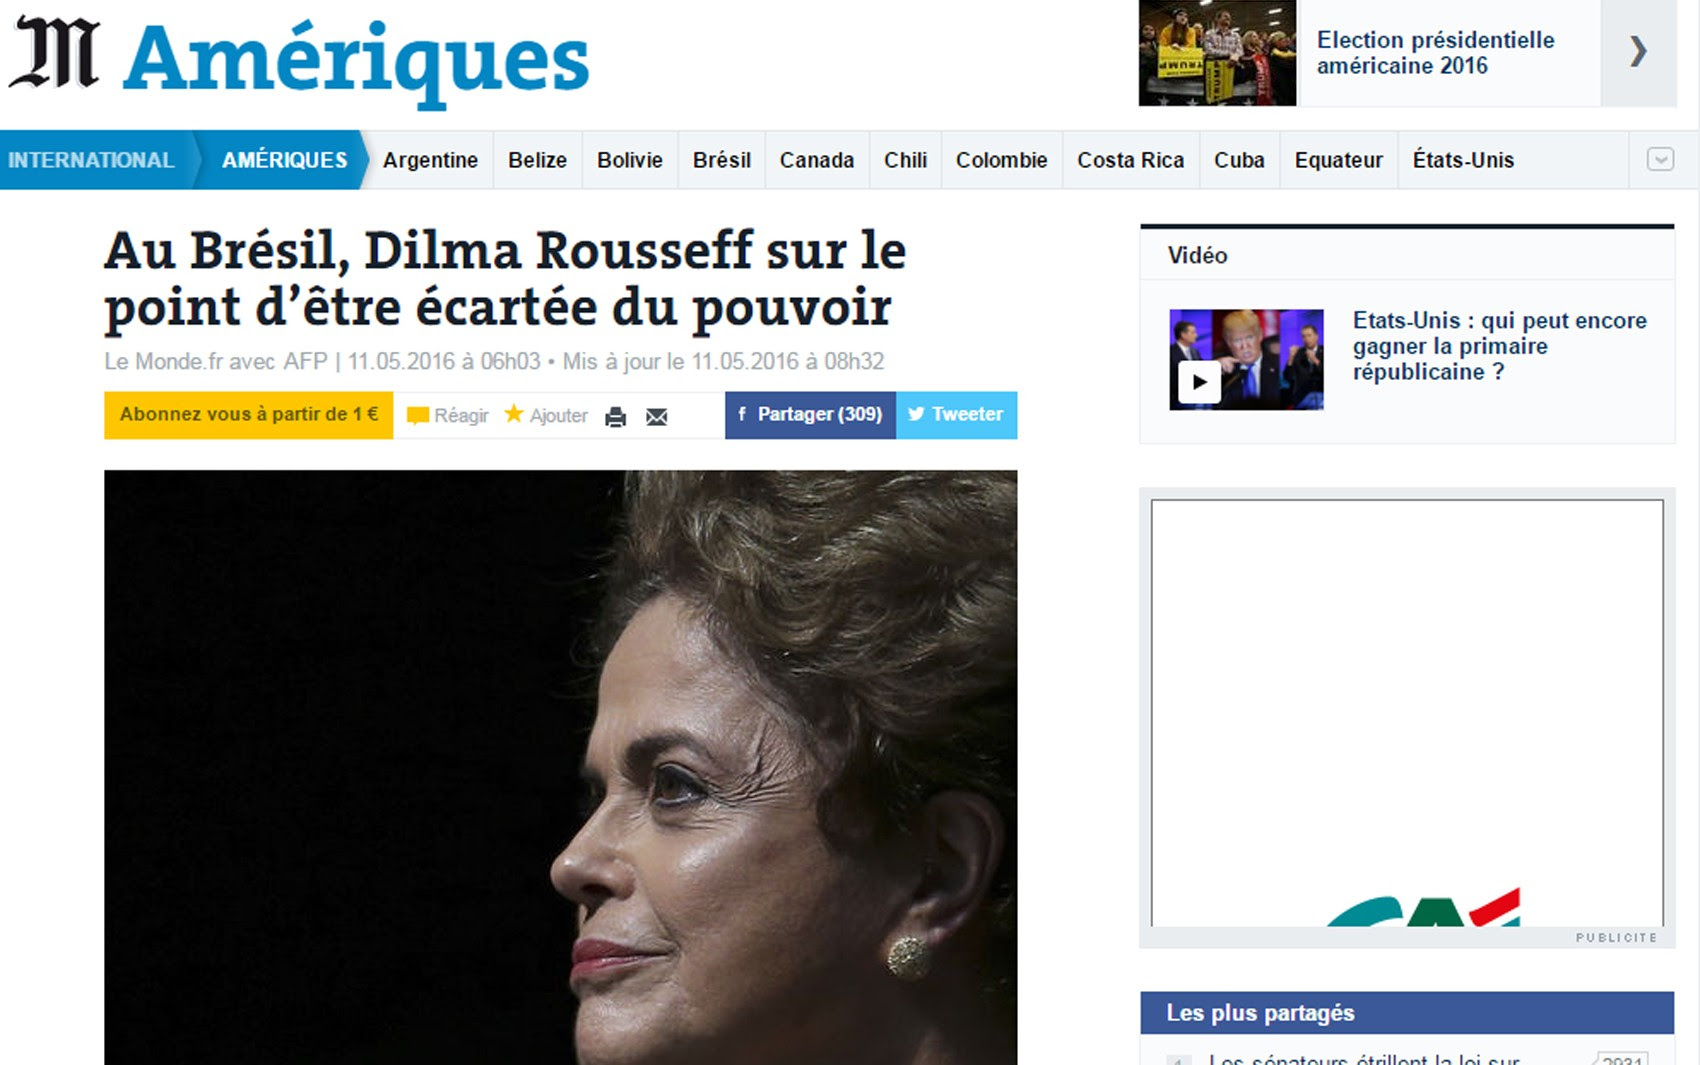 Le Monde afirma que Dilma Rousseff 'suas últimas horas no comando do país' (Foto: Reprodução/G1)